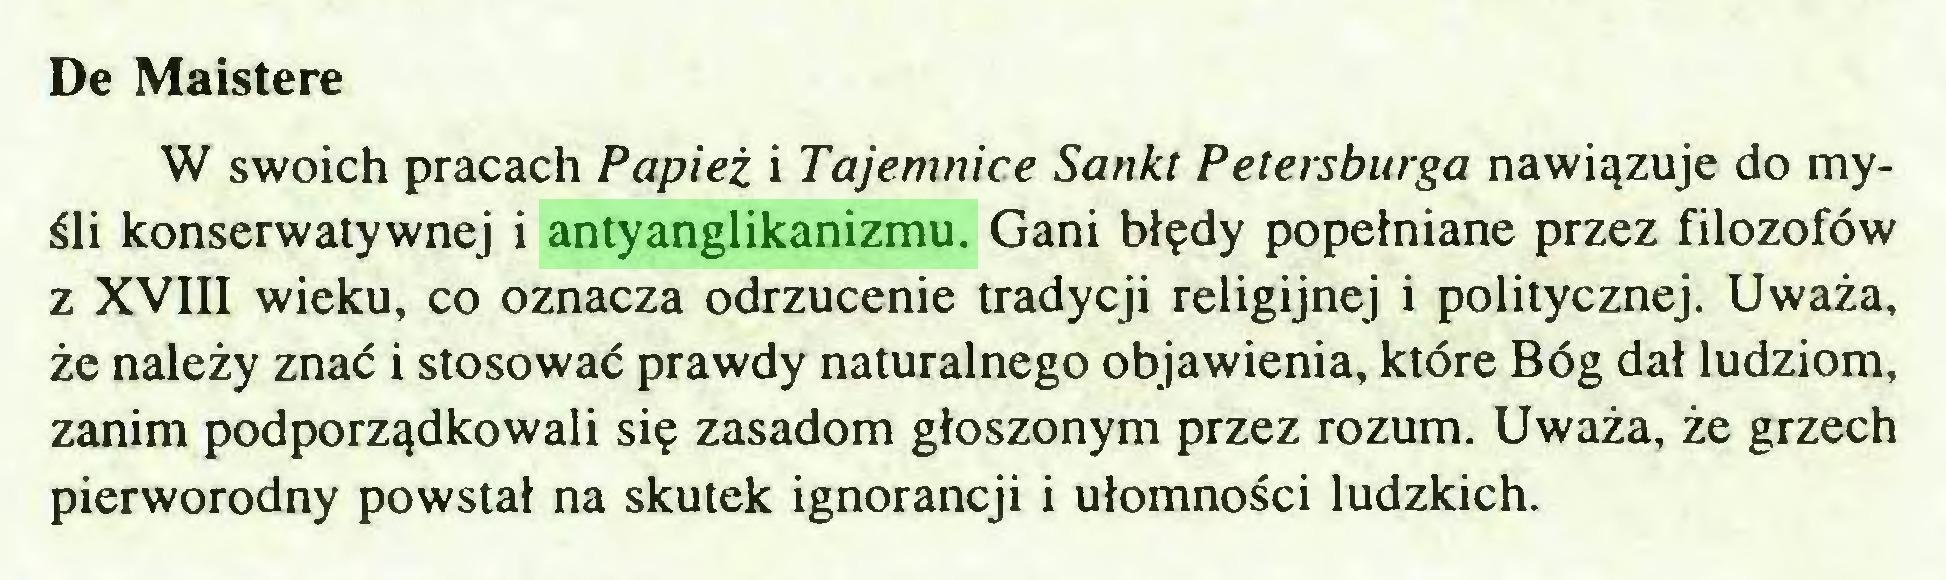 (...) De Maistere W swoich pracach Papież i Tajemnice Sankt Petersburga nawiązuje do myśli konserwatywnej i antyanglikanizmu. Gani błędy popełniane przez filozofów z XVIII wieku, co oznacza odrzucenie tradycji religijnej i politycznej. Uważa, że należy znać i stosować prawdy naturalnego objawienia, które Bóg dał ludziom, zanim podporządkowali się zasadom głoszonym przez rozum. Uważa, że grzech pierworodny powstał na skutek ignorancji i ułomności ludzkich...